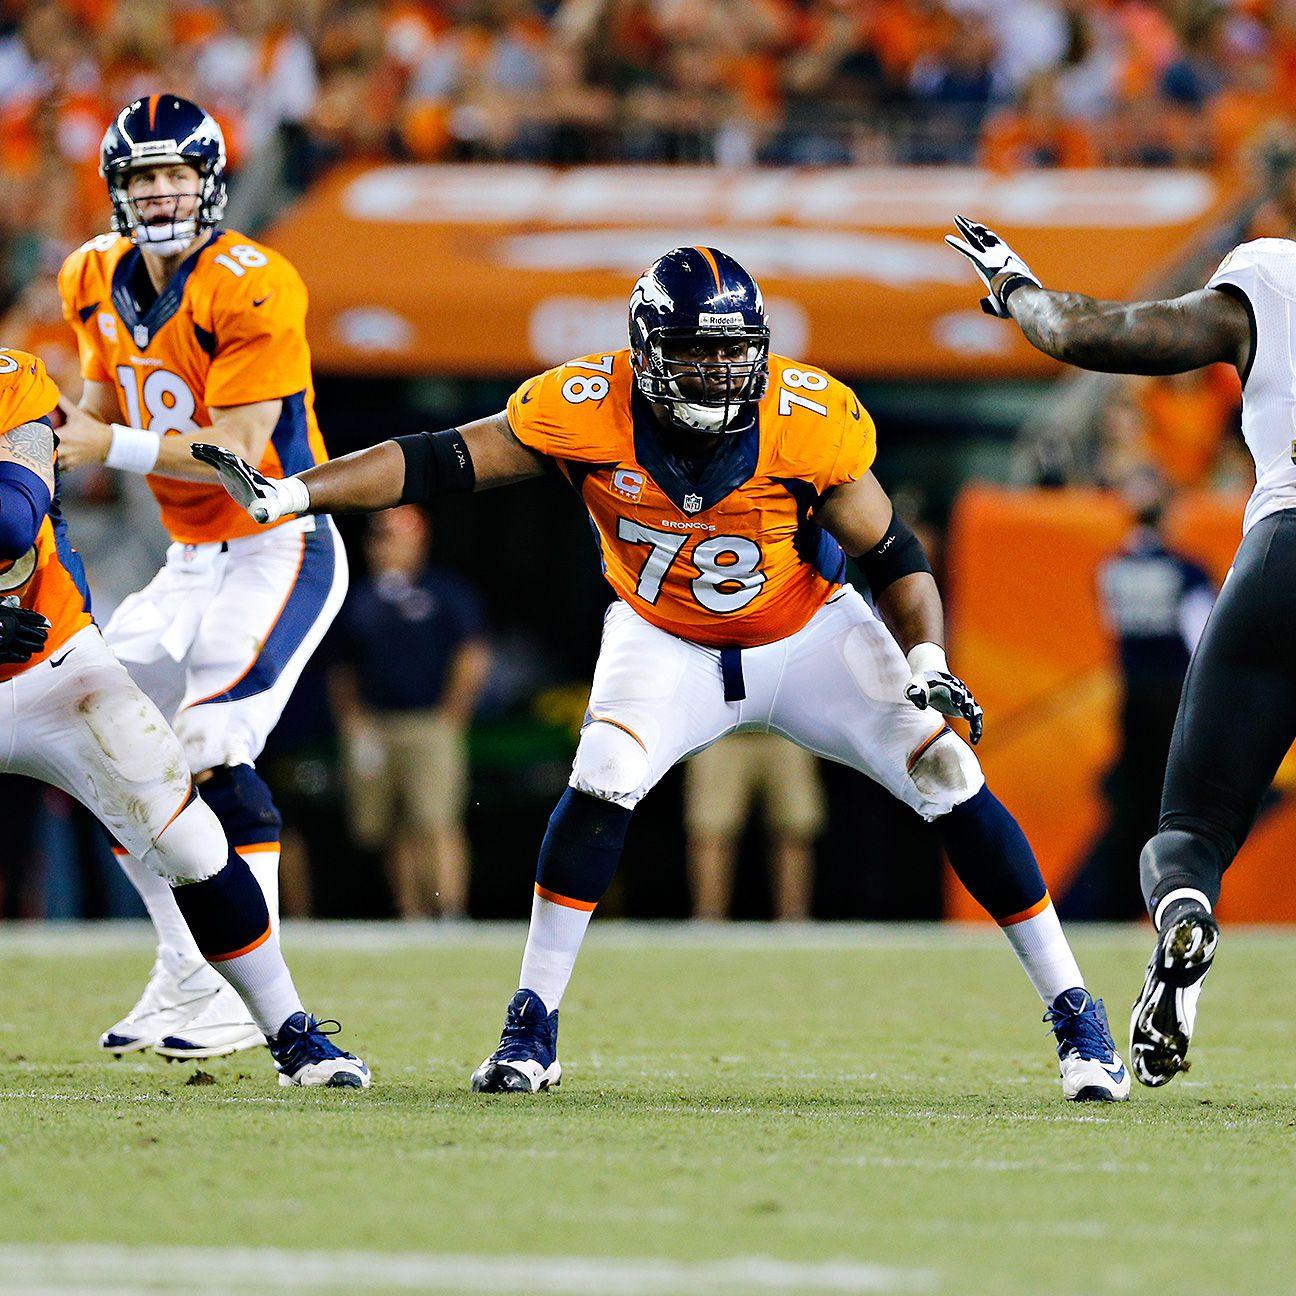 ... , Denver Broncos backups fuel victory over Texans - NFL Nation - ESPN